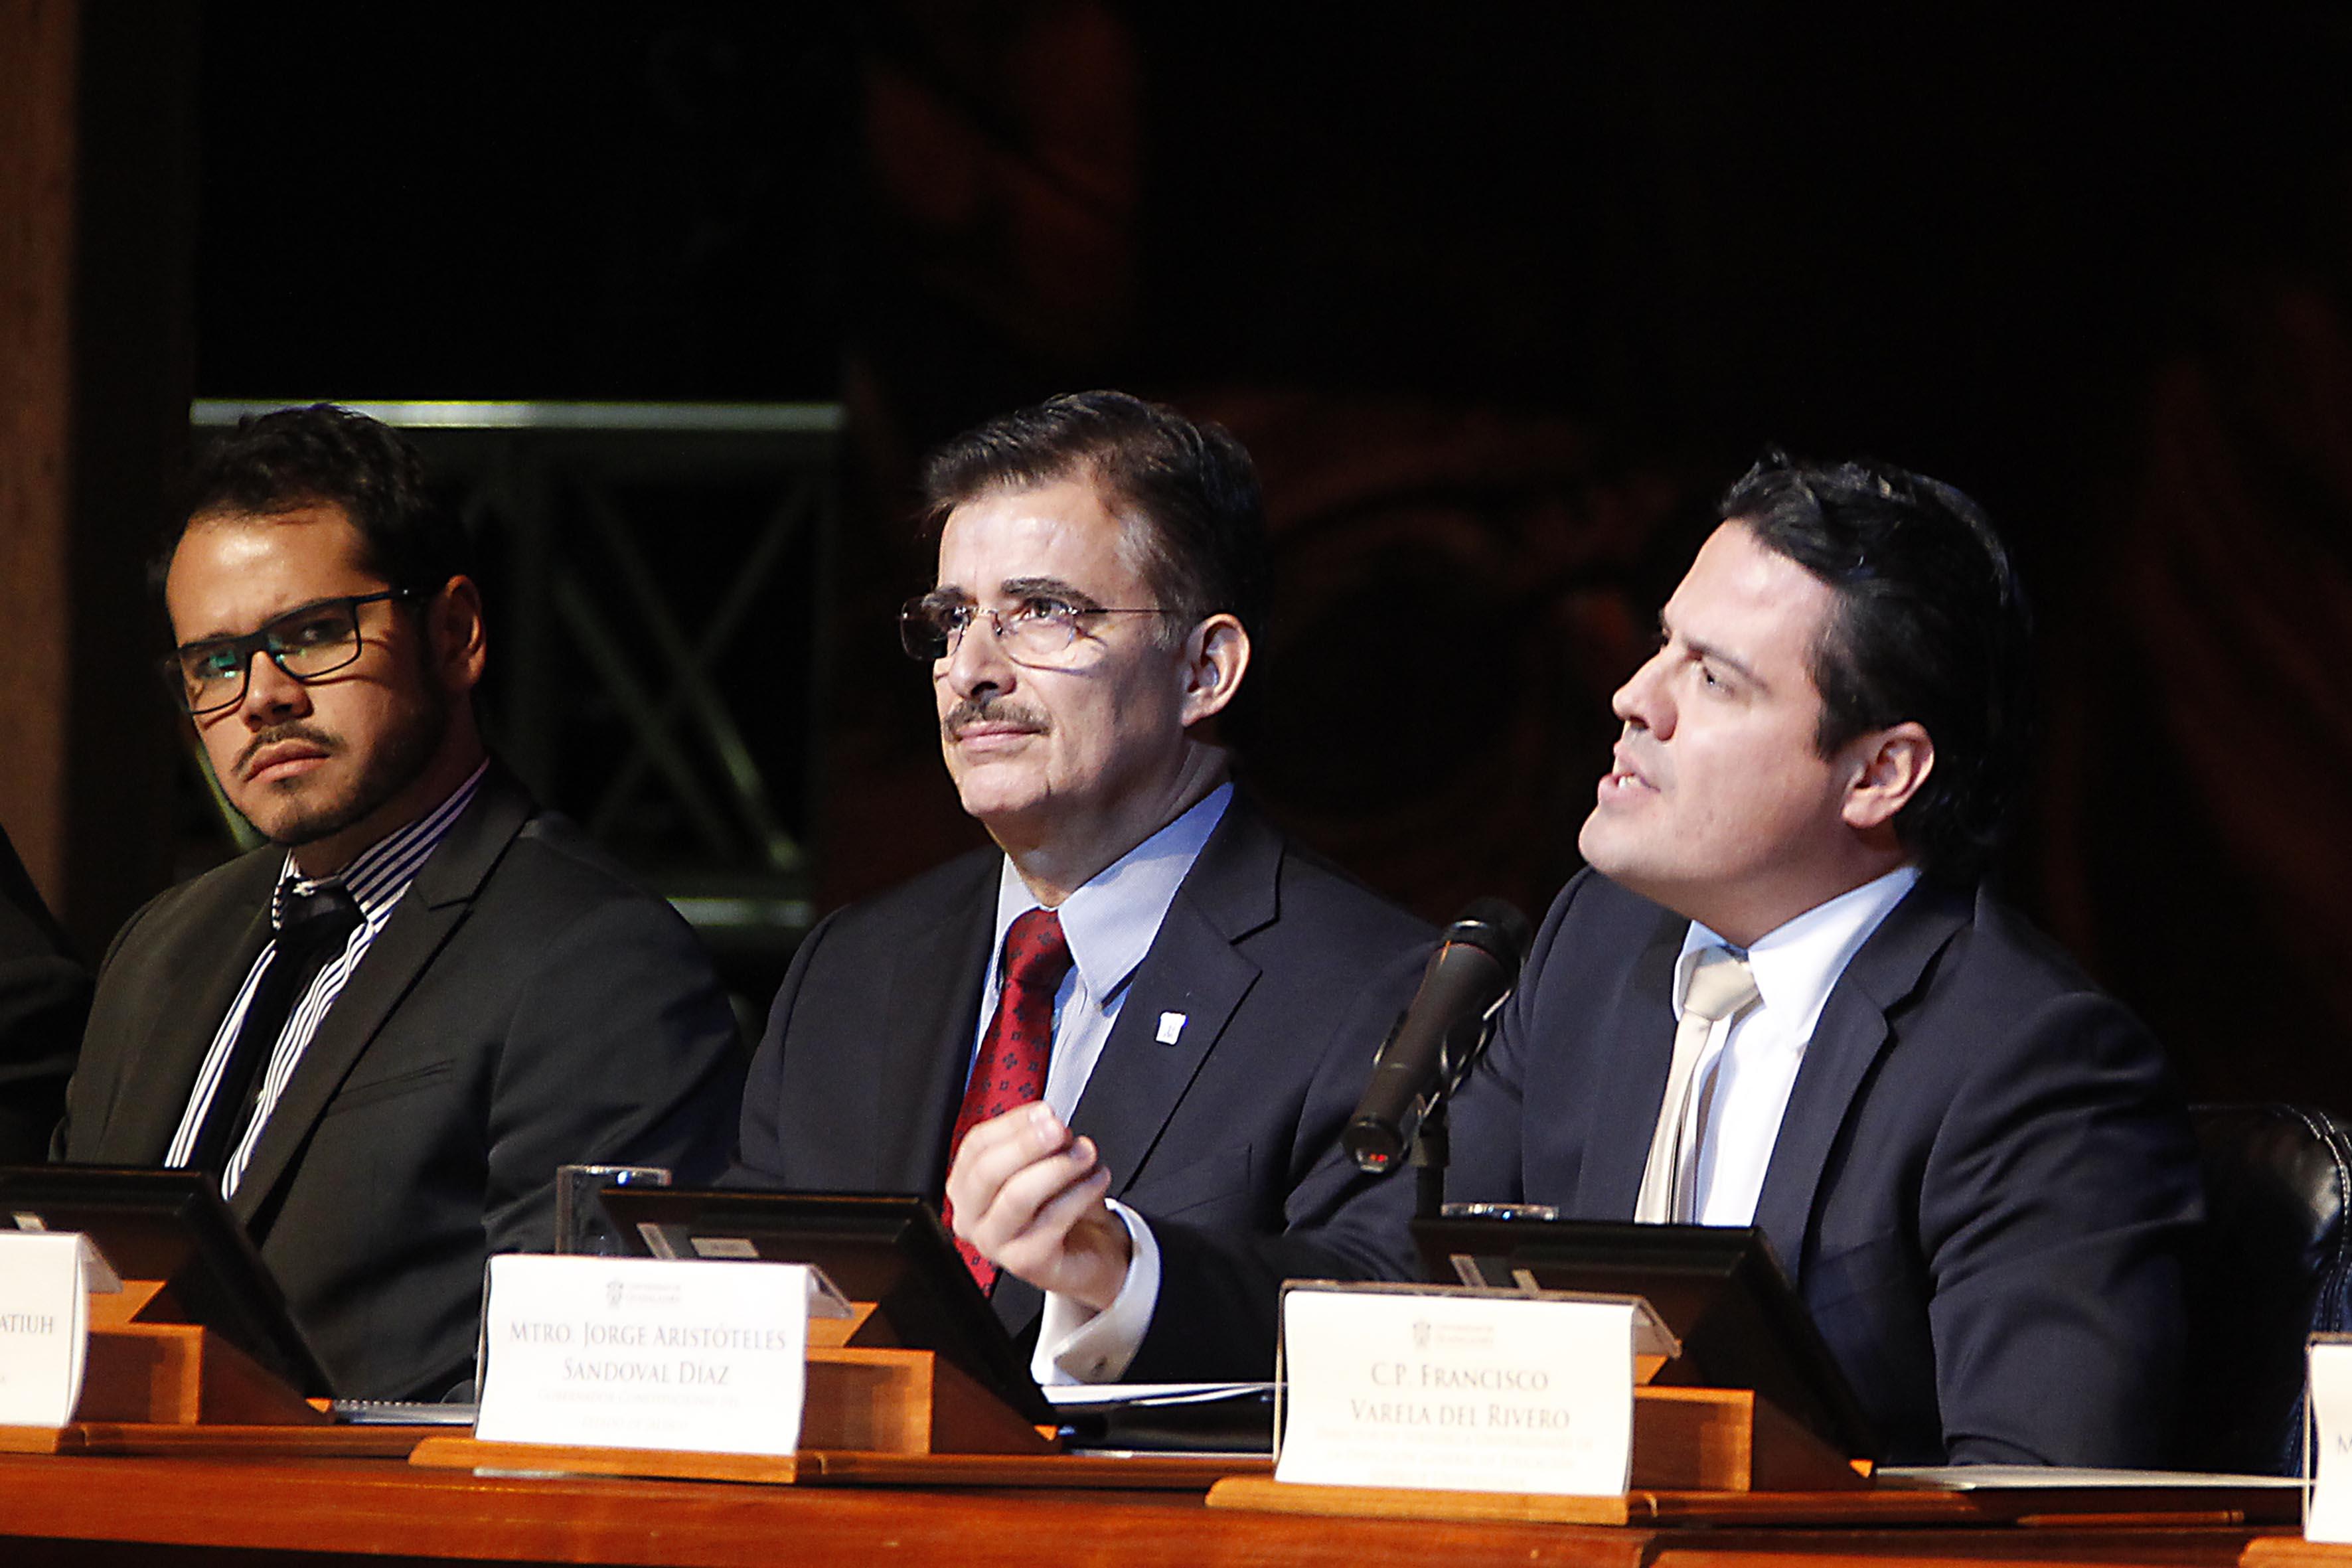 Maestro Jorge Aristóteles Sandoval Díaz, gobernador de Jalisco, con micrófono en panel, haciendo uso de la palabra, a un lado del Rector General de la Universidad de Guadalajara.